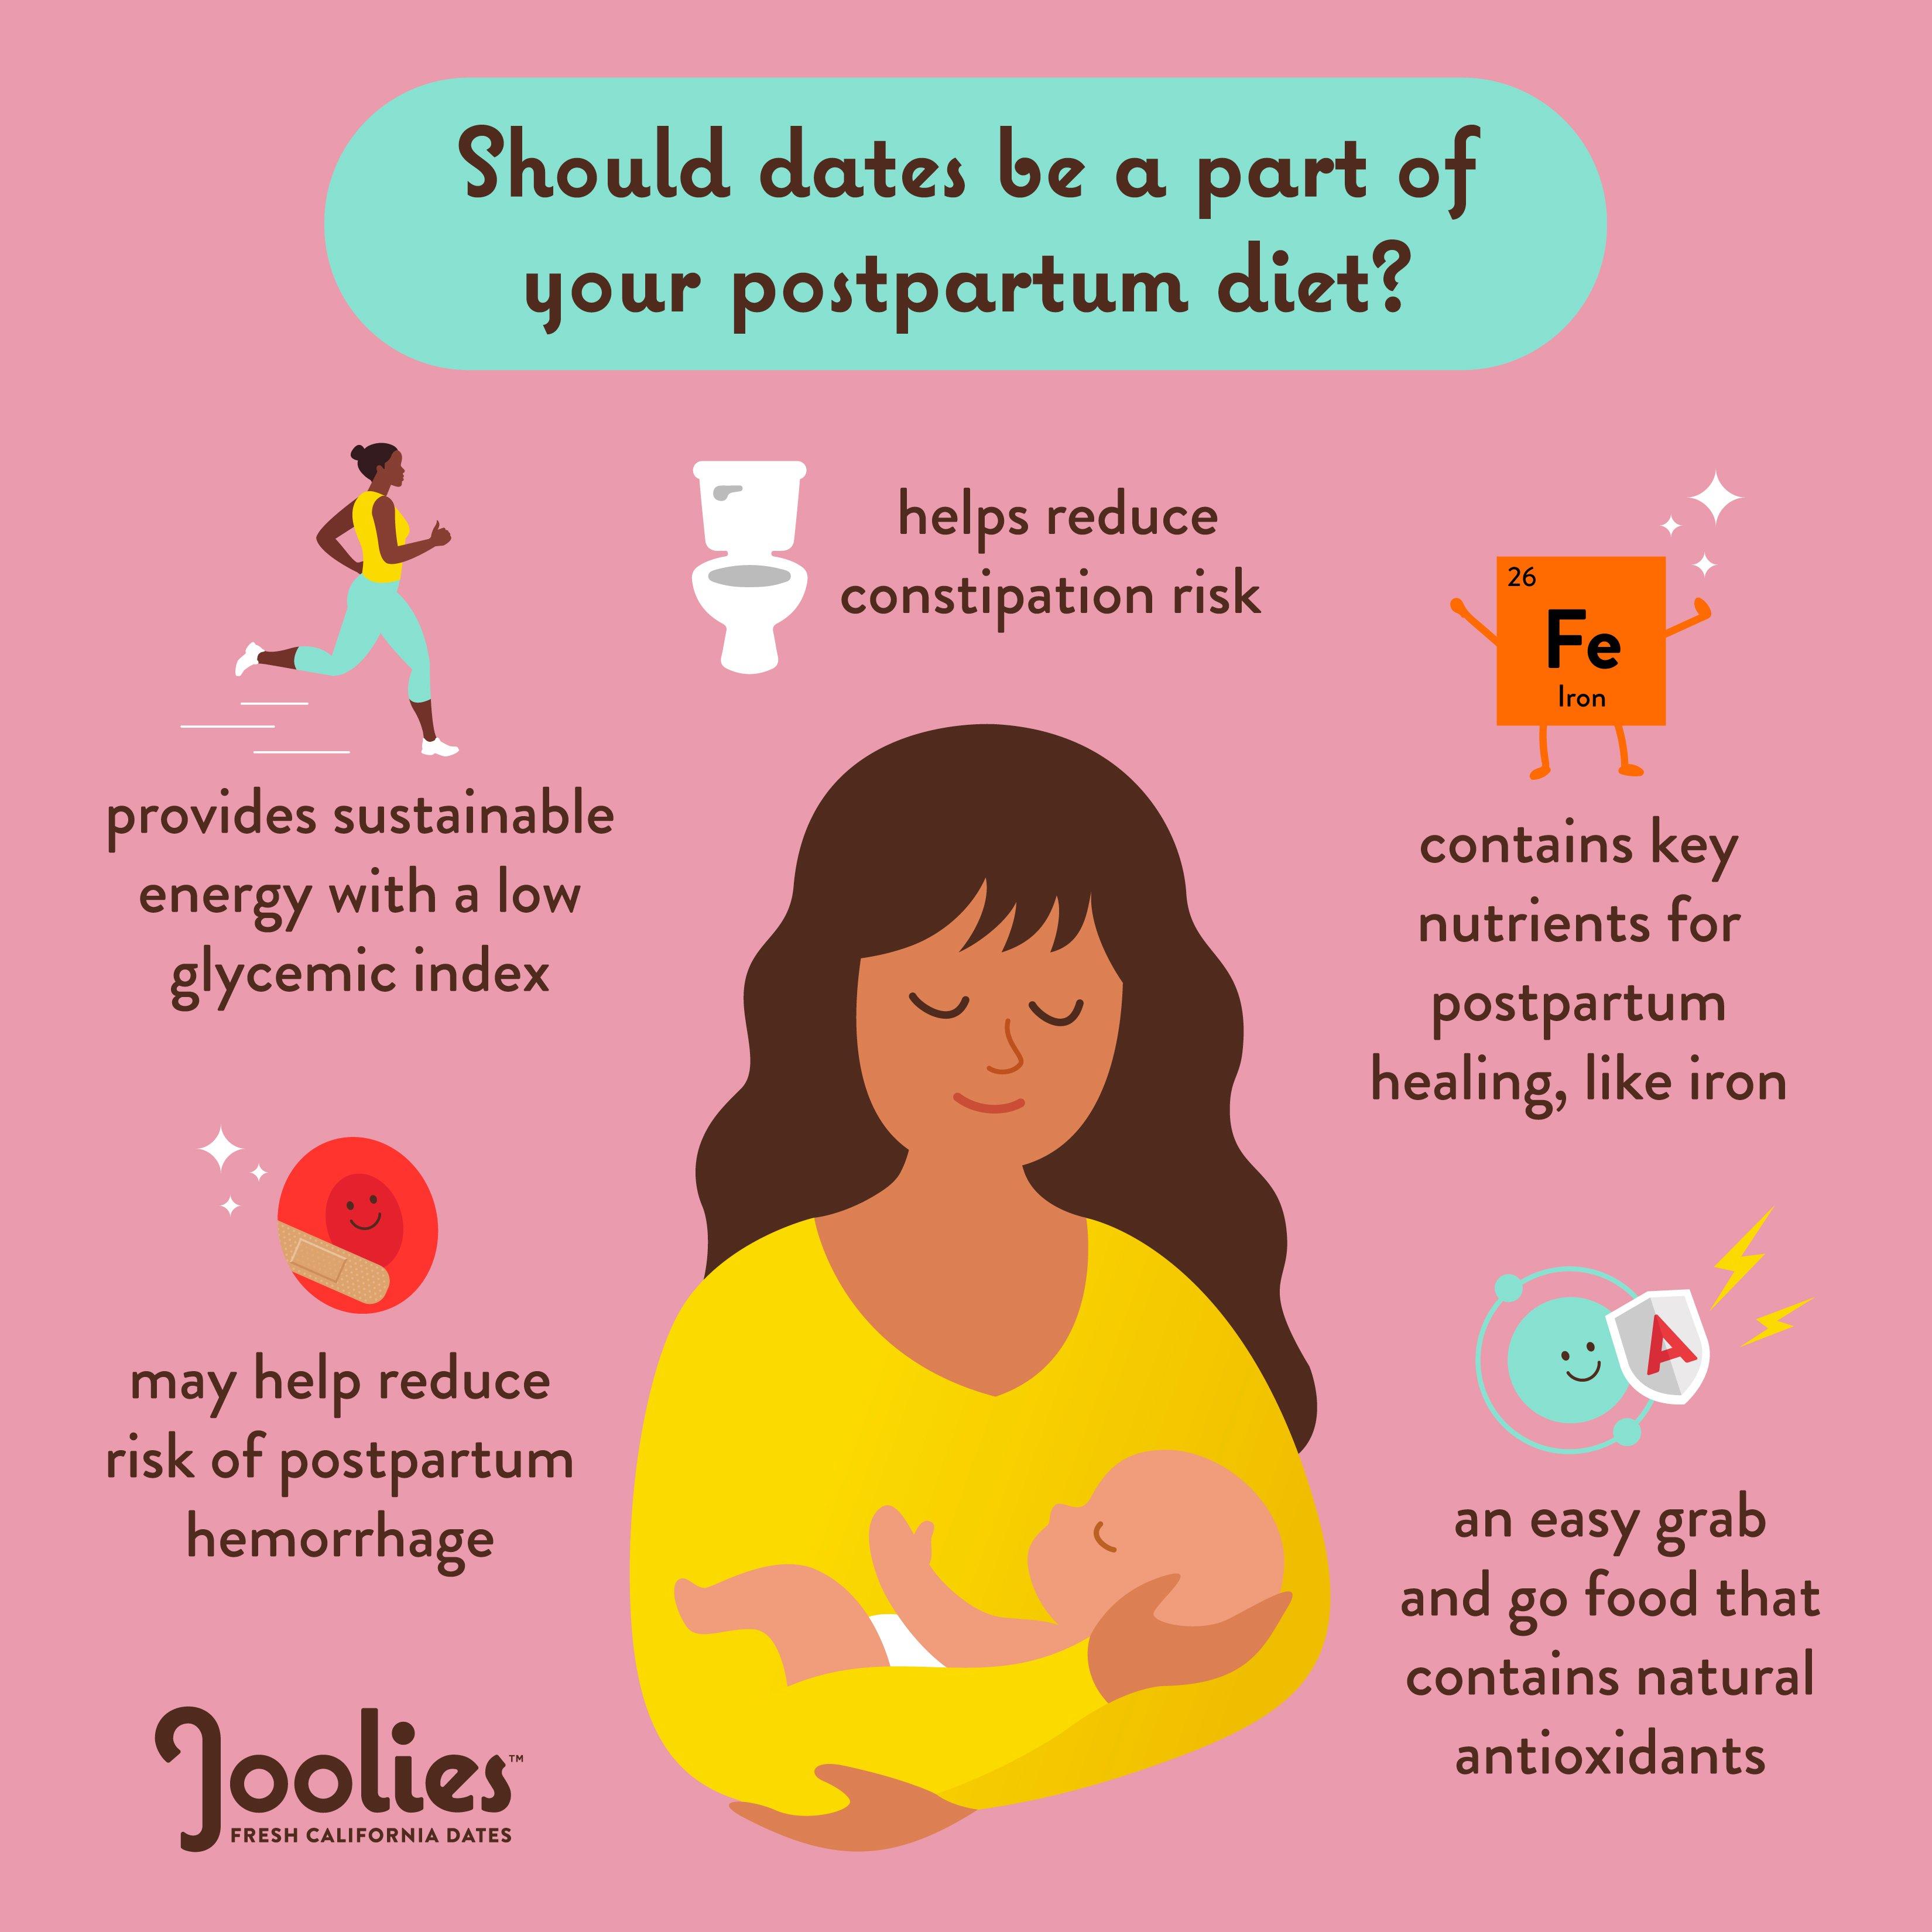 medjool dates in postpartum diet